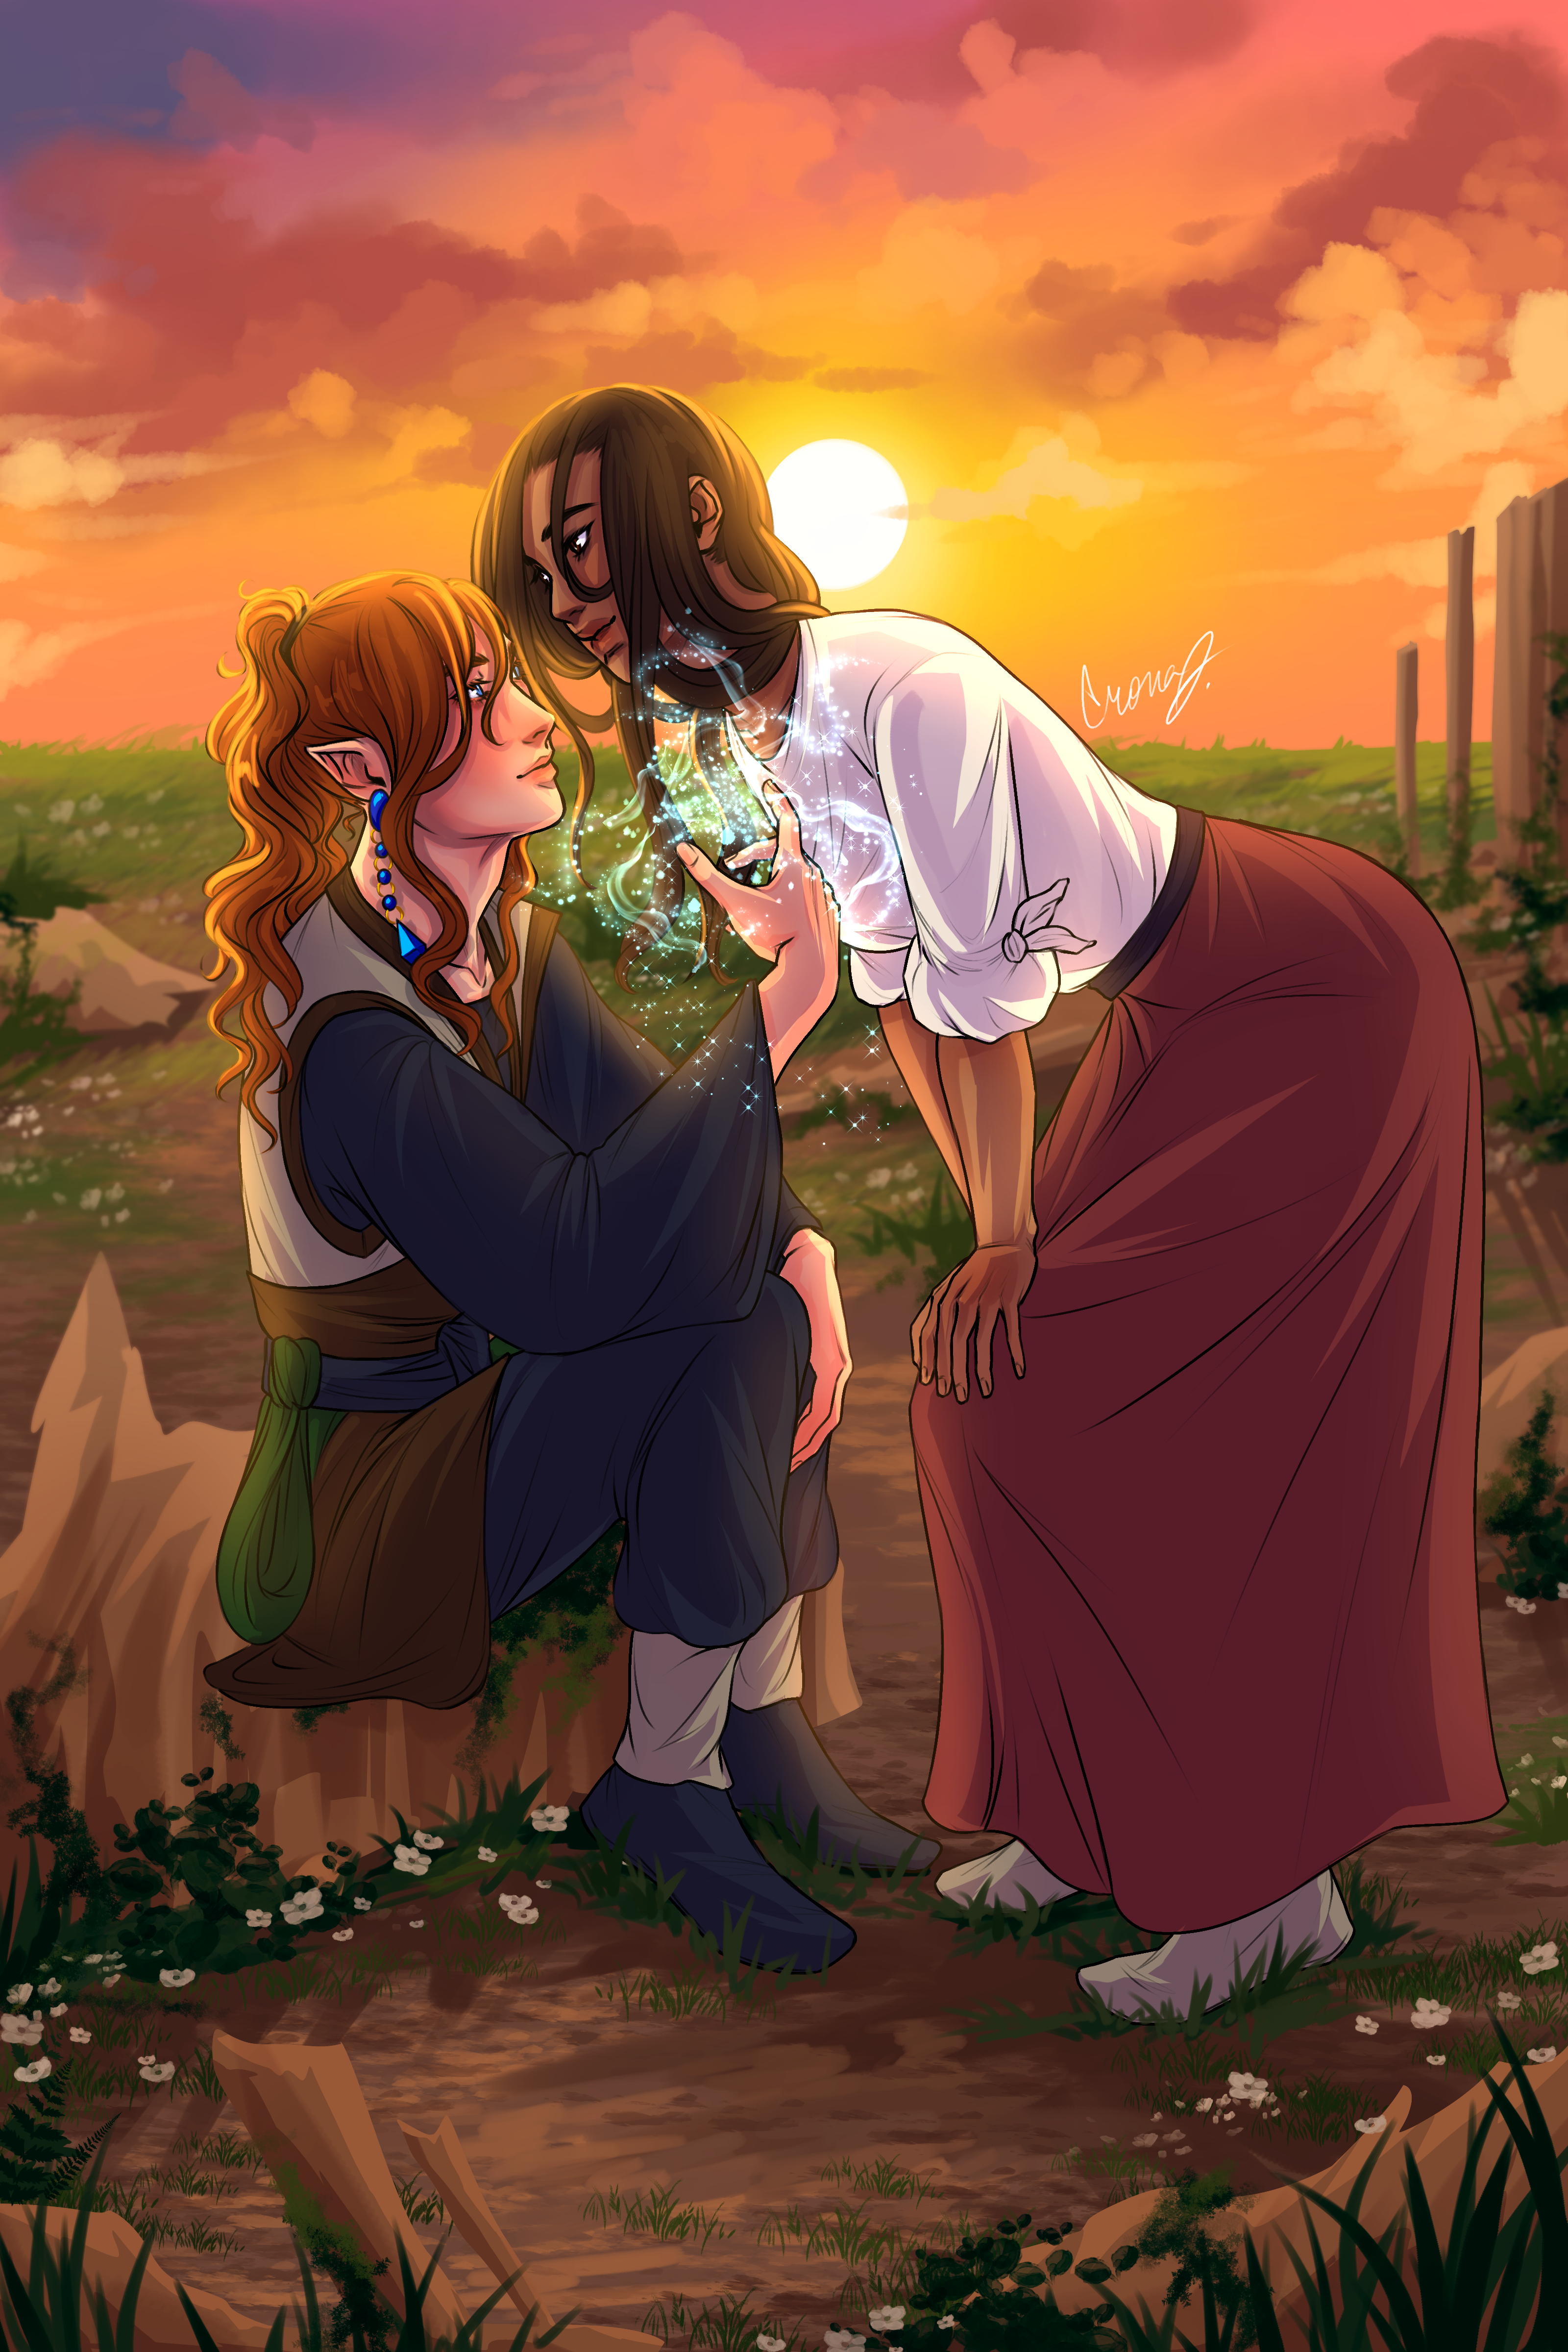 Valentine fantasy 2021